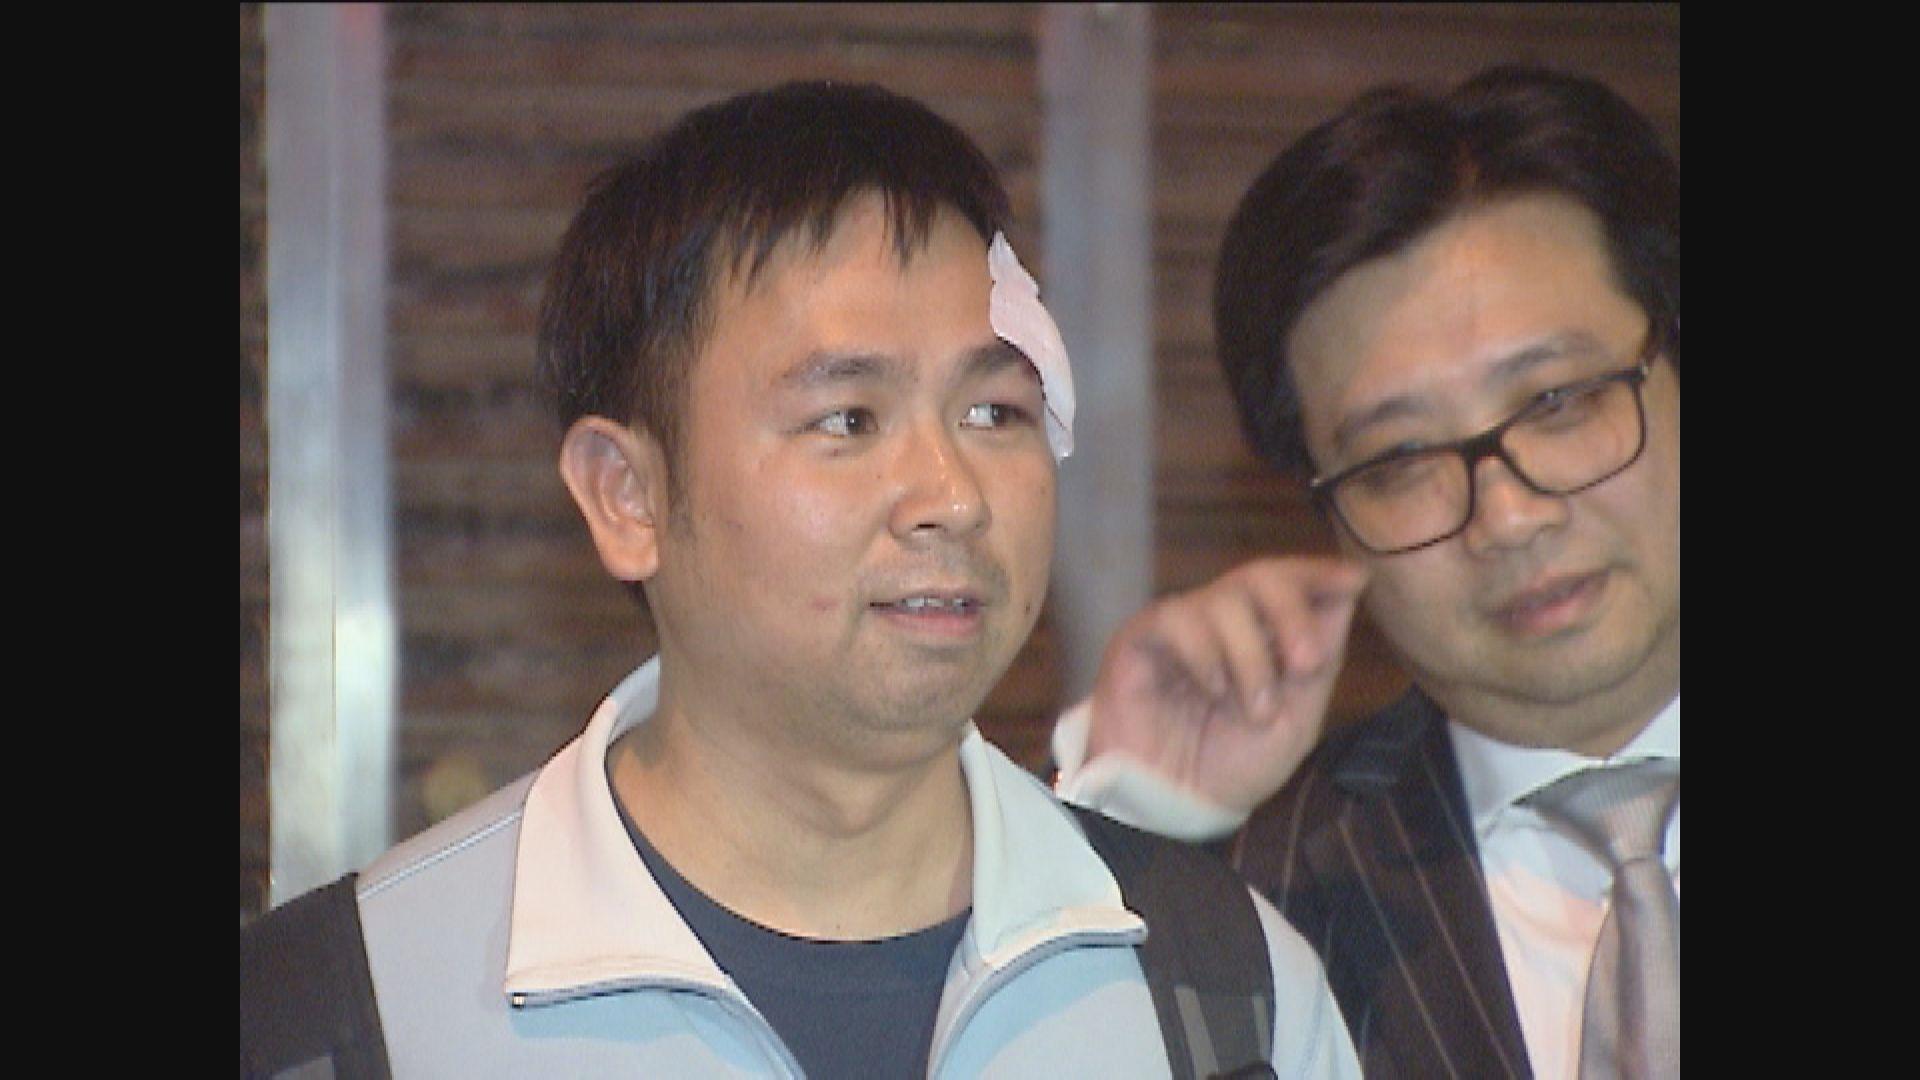 本台工程人員李小龍索償案 律政司願庭外和解兼付訟費